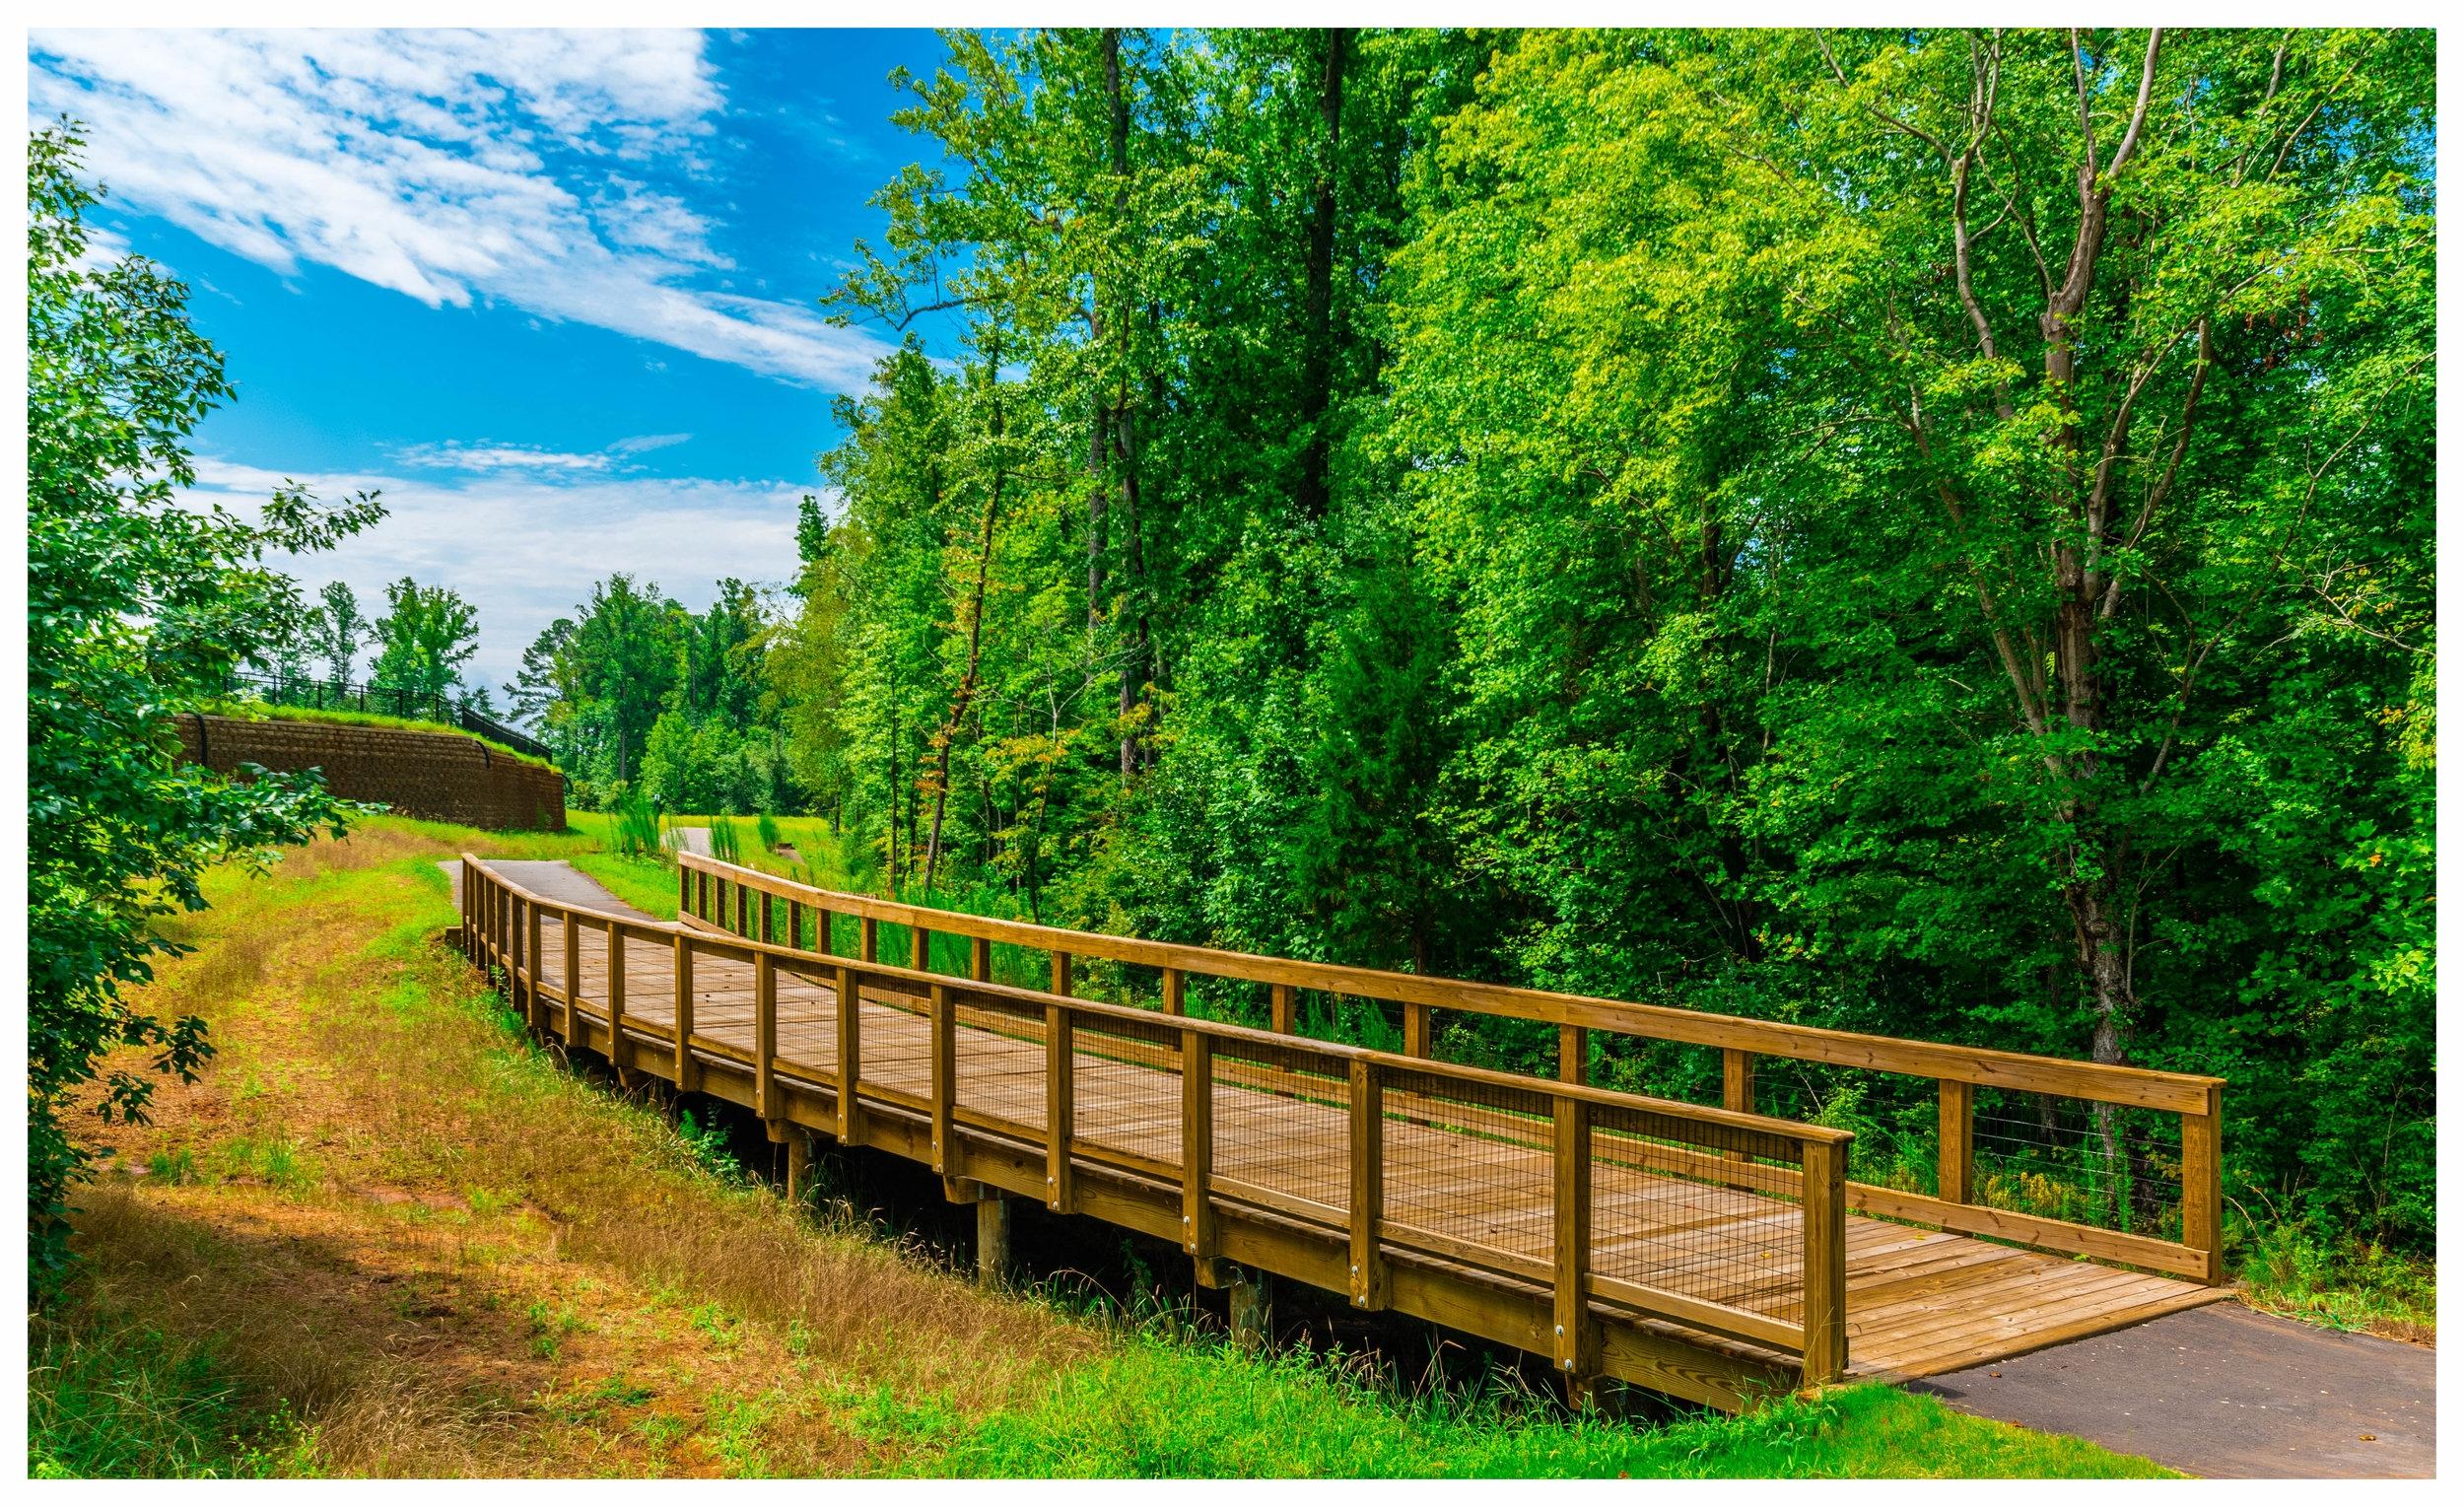 Footbridge Design and Construction